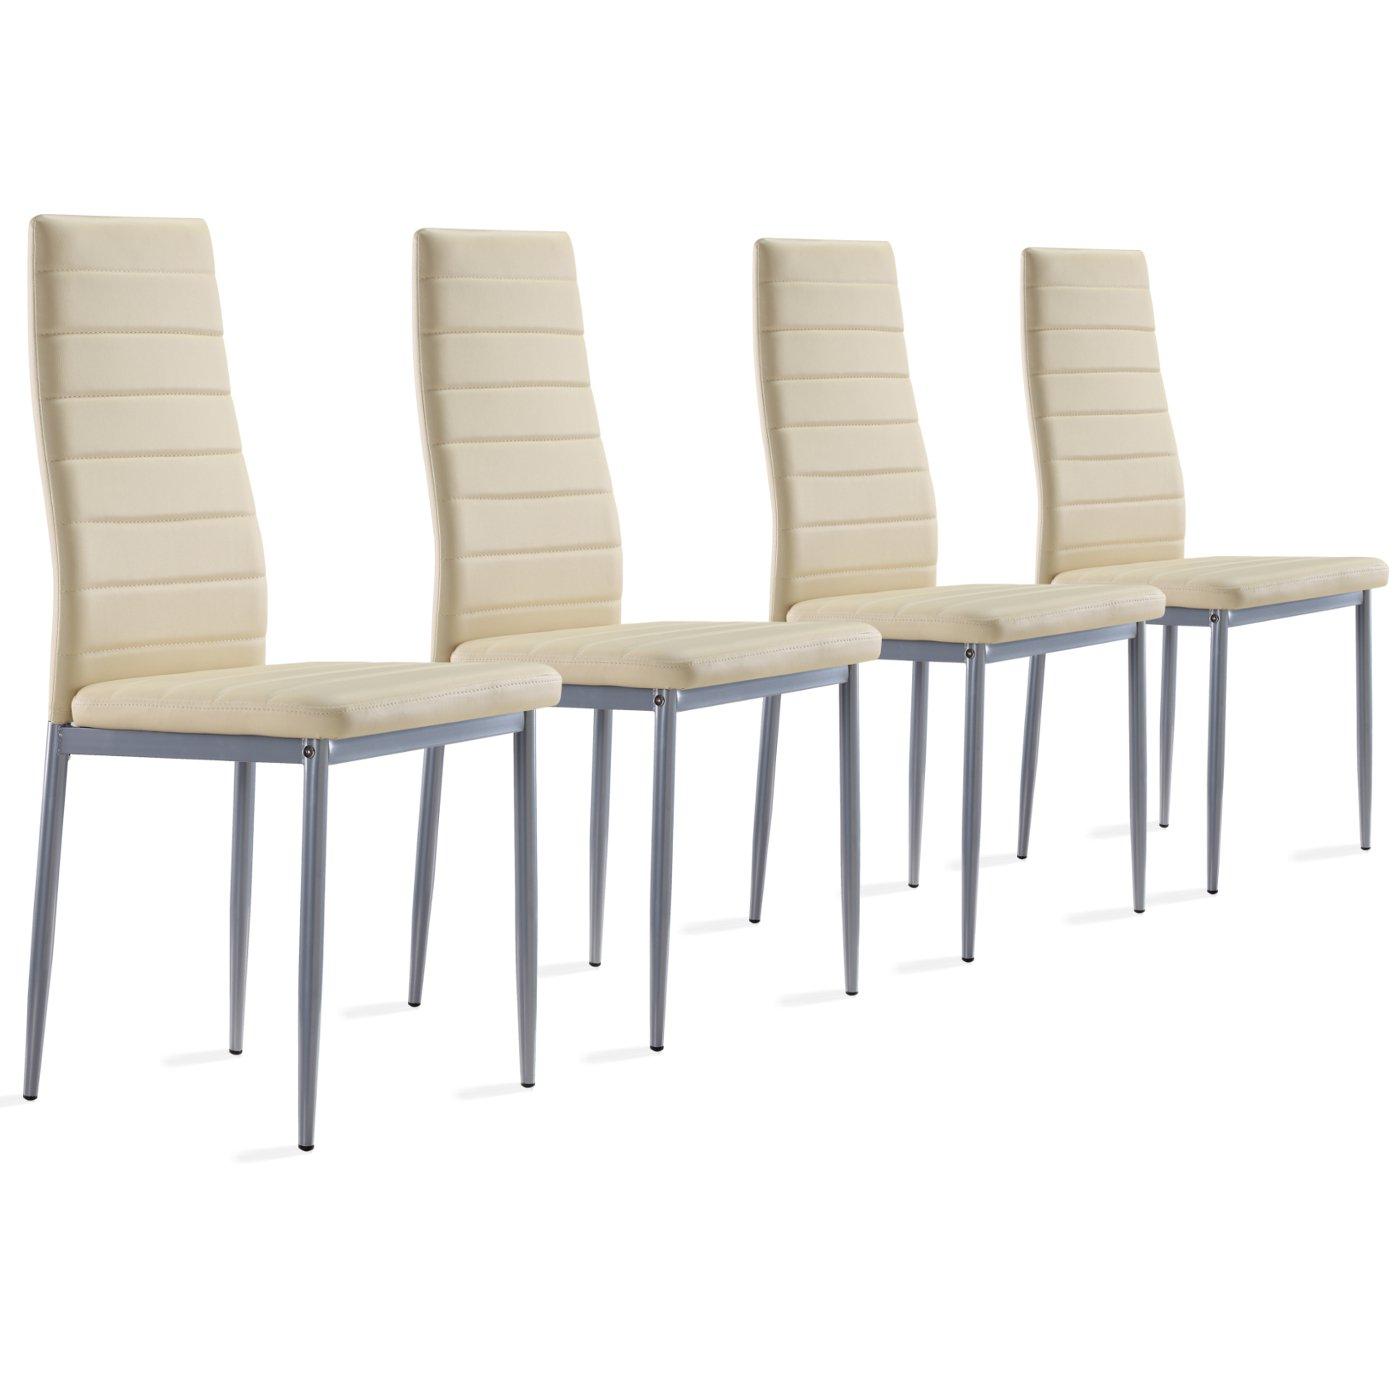 4 Stück Beige Stühle Esszimmerstühle, Küchenstühle Mit Hochwertigem  Kunstlederpolster: Amazon.de: Küche U0026 Haushalt